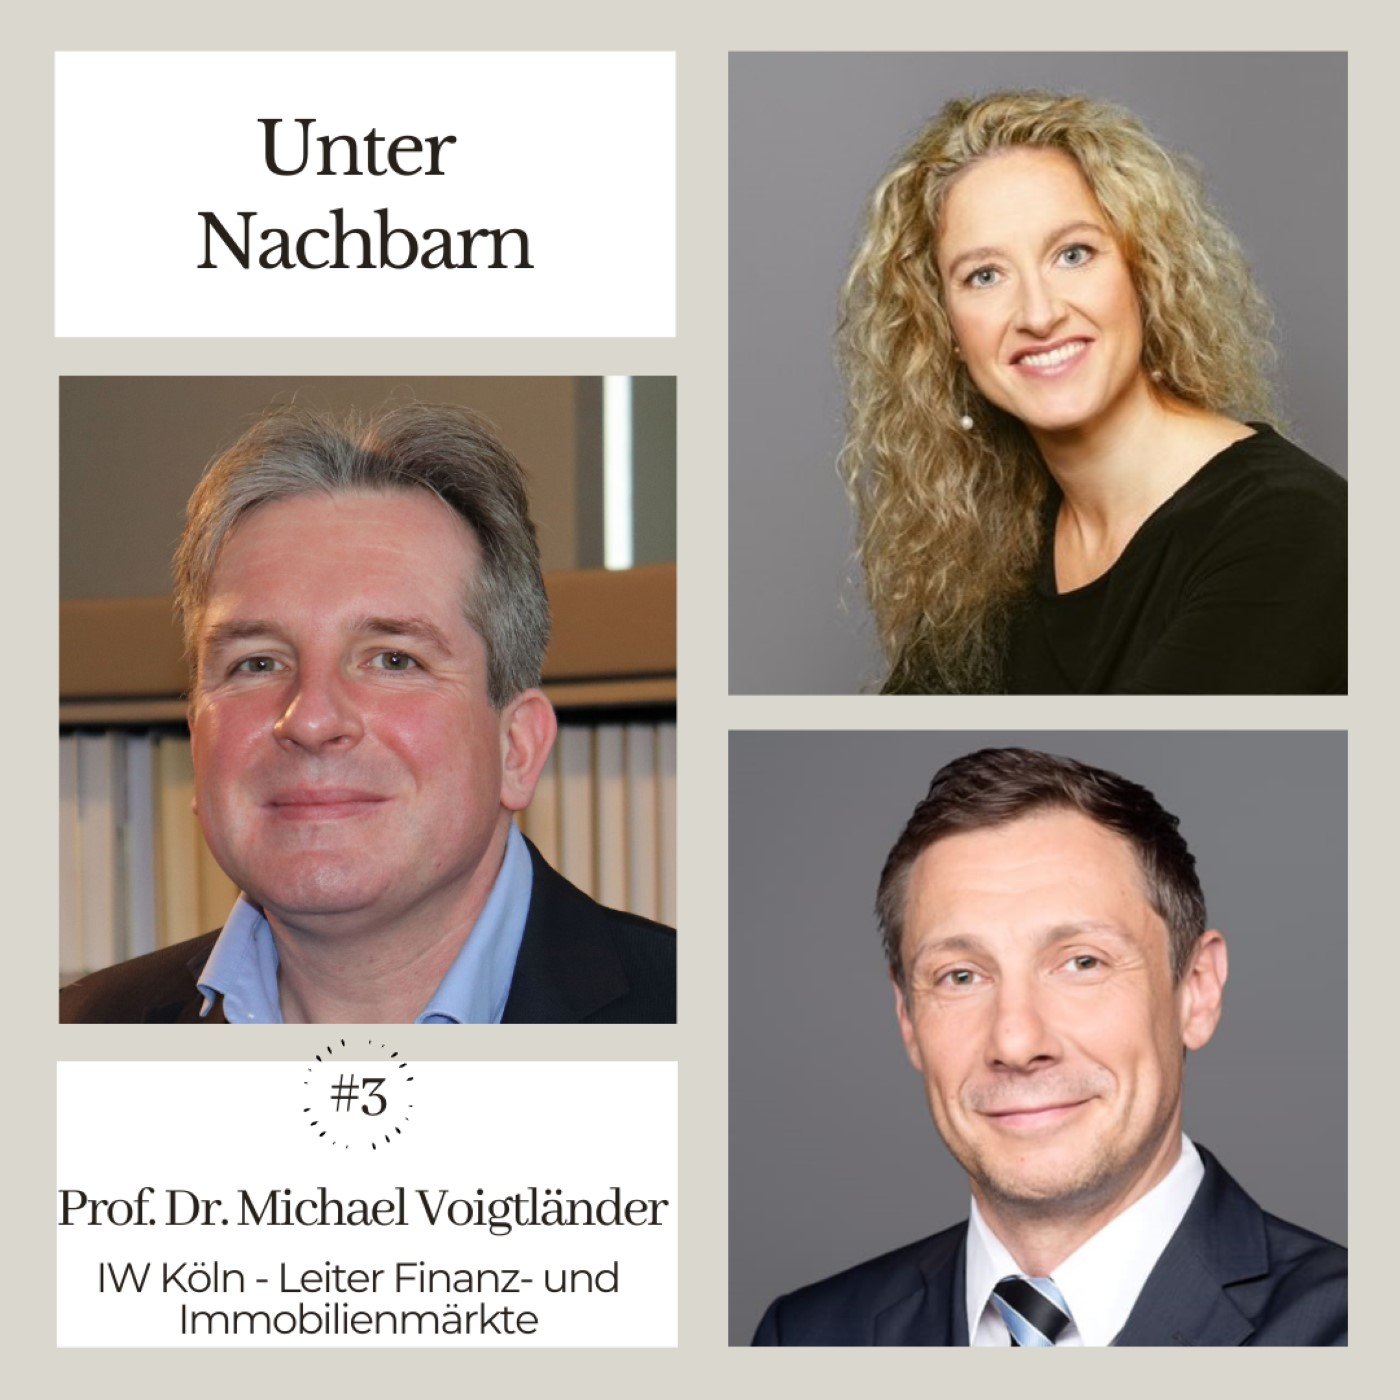 Unter Nachbarn mit Prof. Dr. Michael Voigtländer, Marion Hoppen und Heiko Senebald